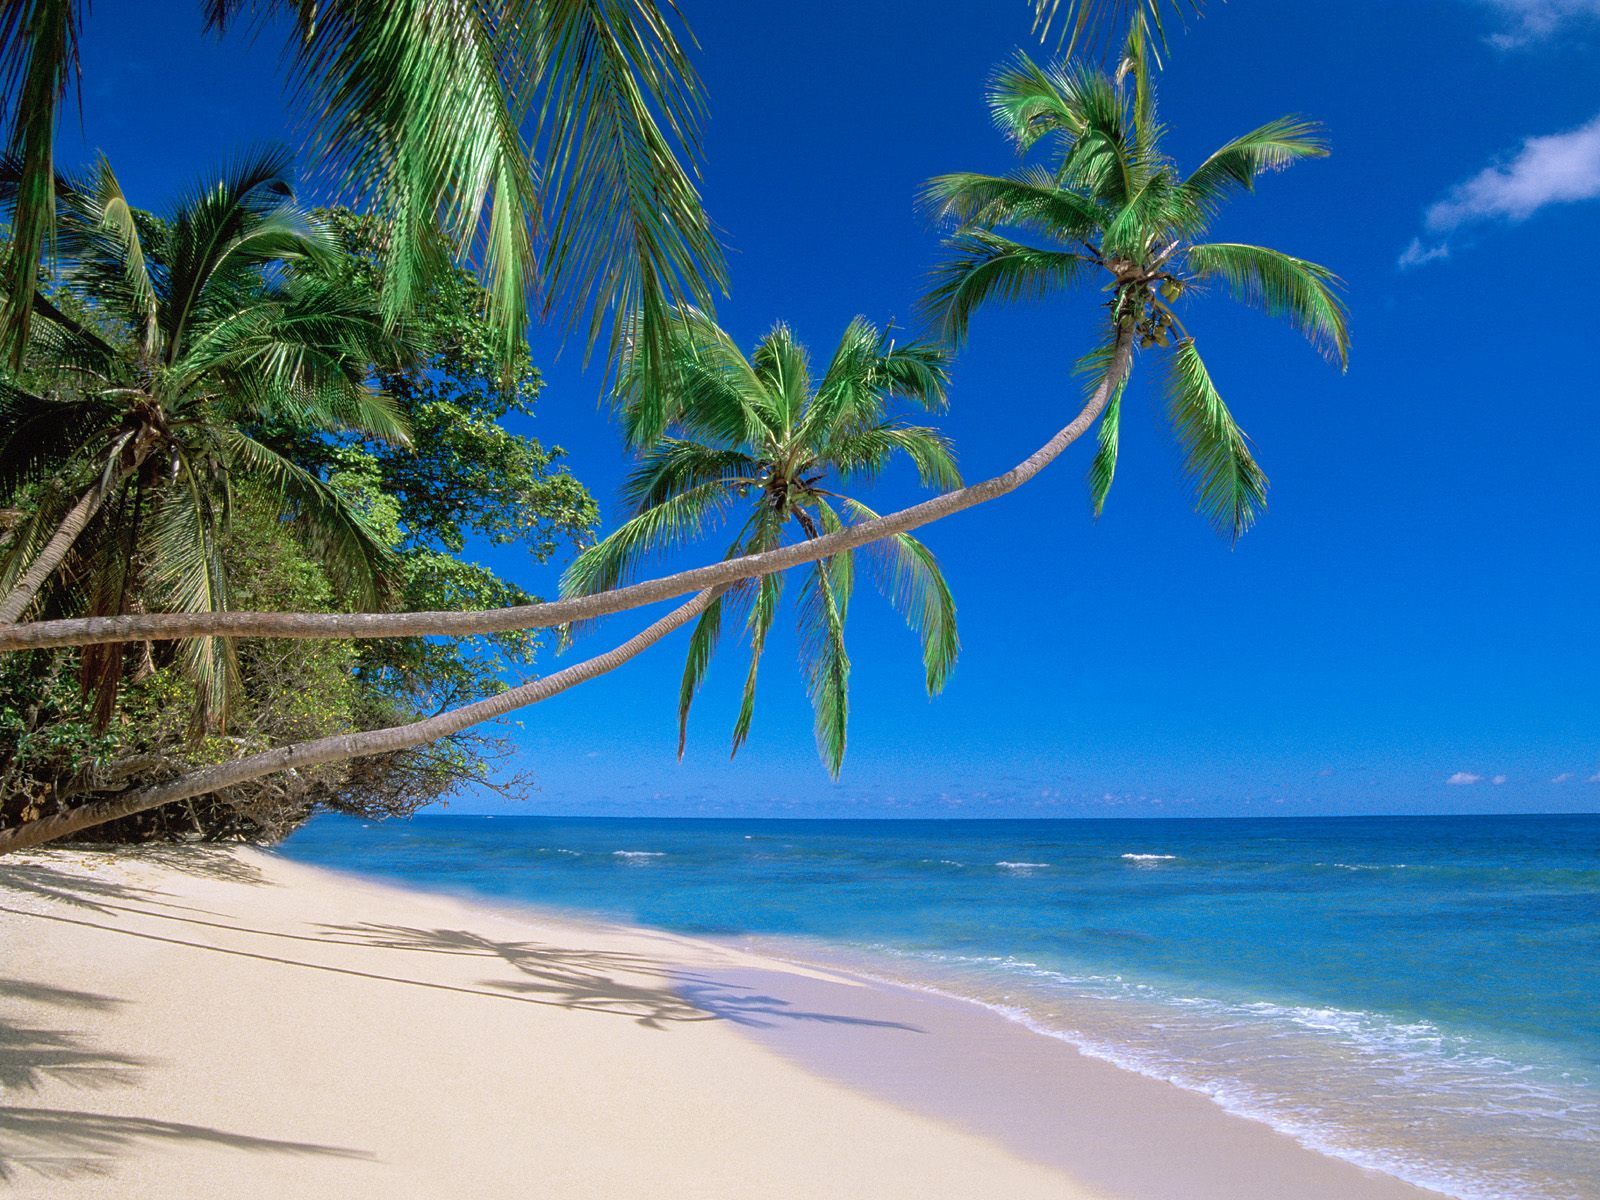 http://4.bp.blogspot.com/_VGf0Bg7vRrk/TDIYWwrgZUI/AAAAAAAABAo/1TFoHNL5zl0/s1600/Fiji.01.jpg